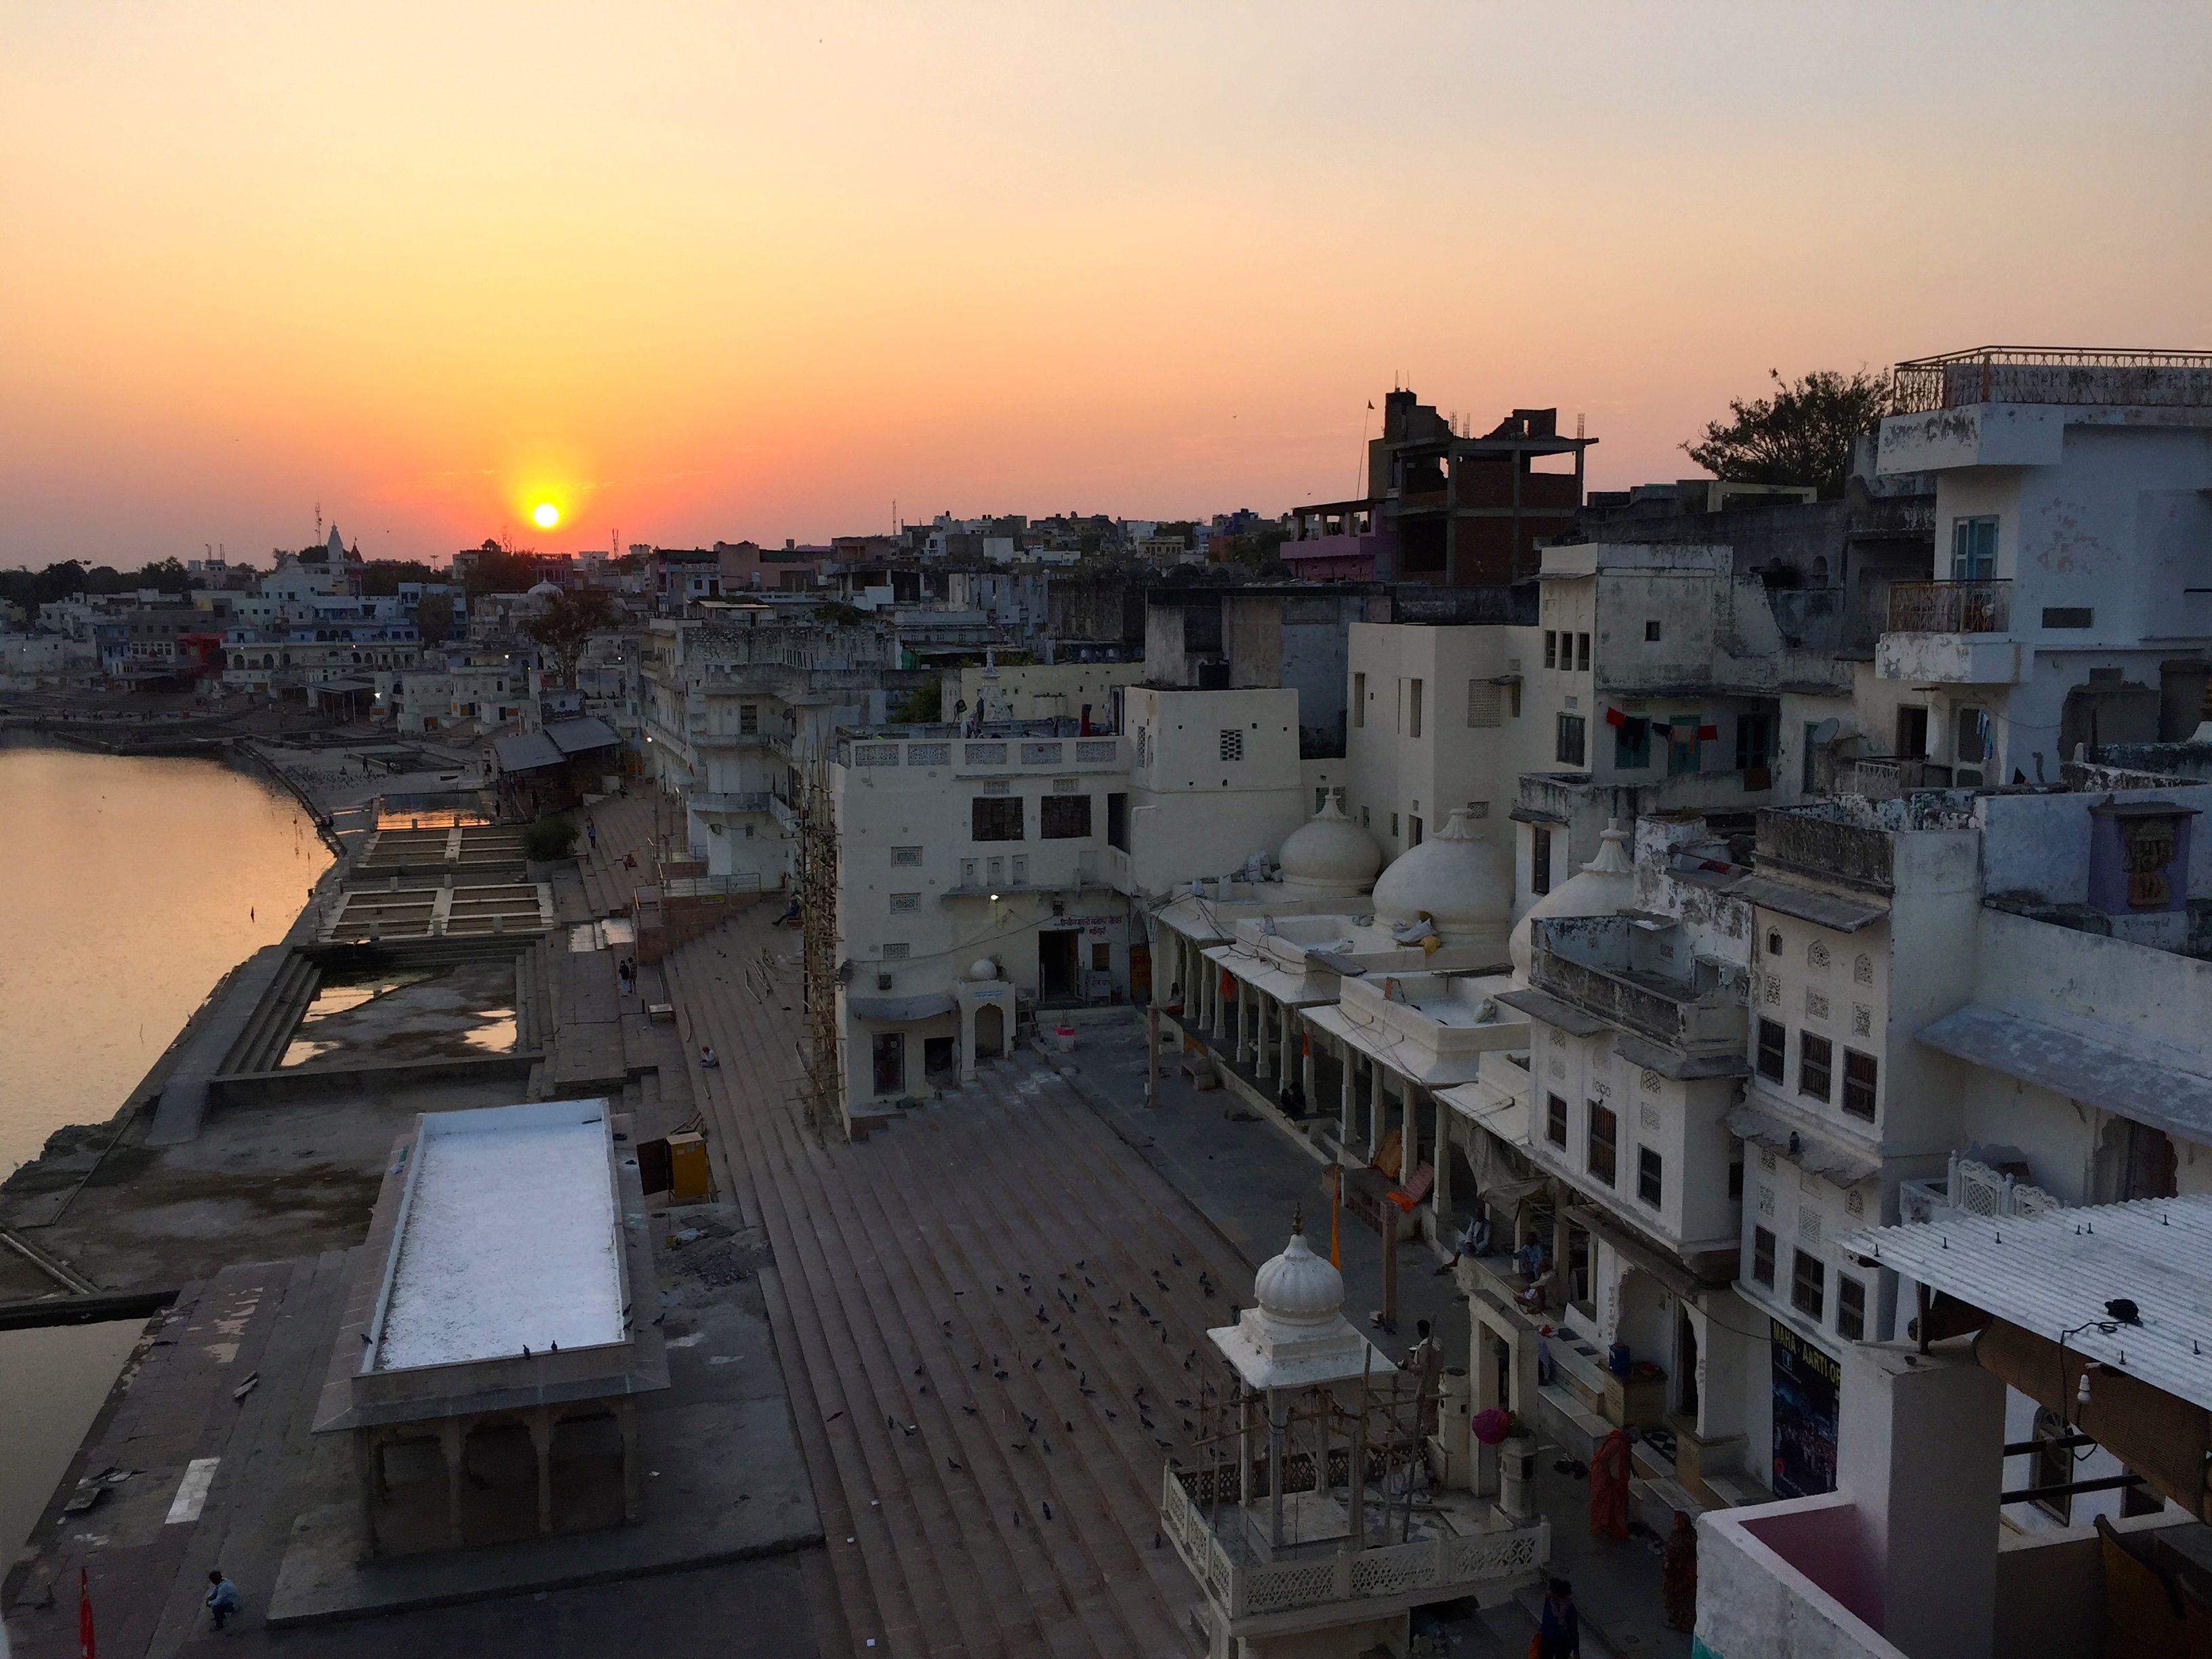 Blick auf den heiligen See in Pushkar im Abendlicht von der Dachterrasse des U-Turn-Cafés.